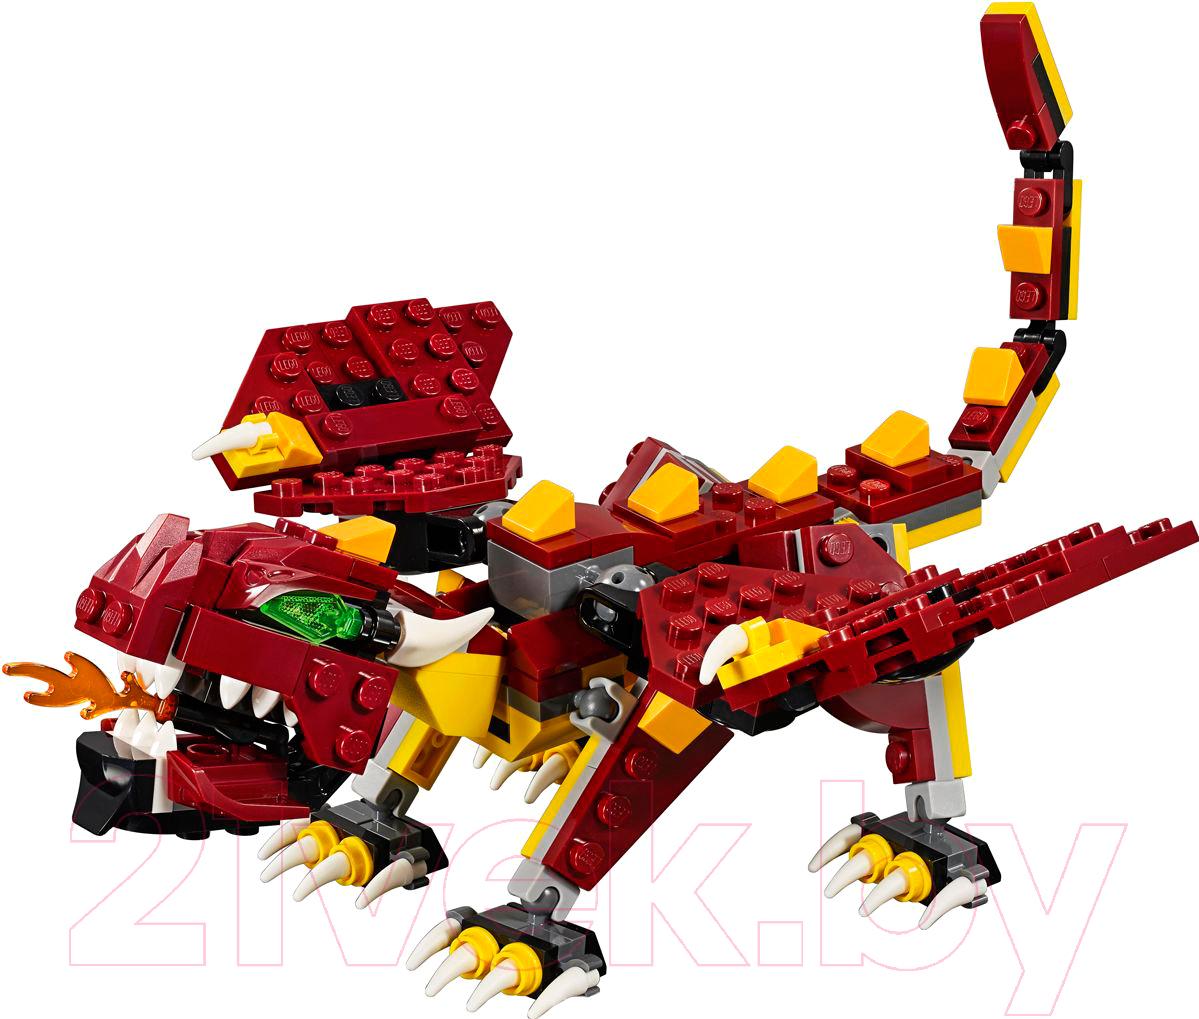 Конструктор Lego, Creator Мифические существа 31073, Китай, пластик  - купить со скидкой